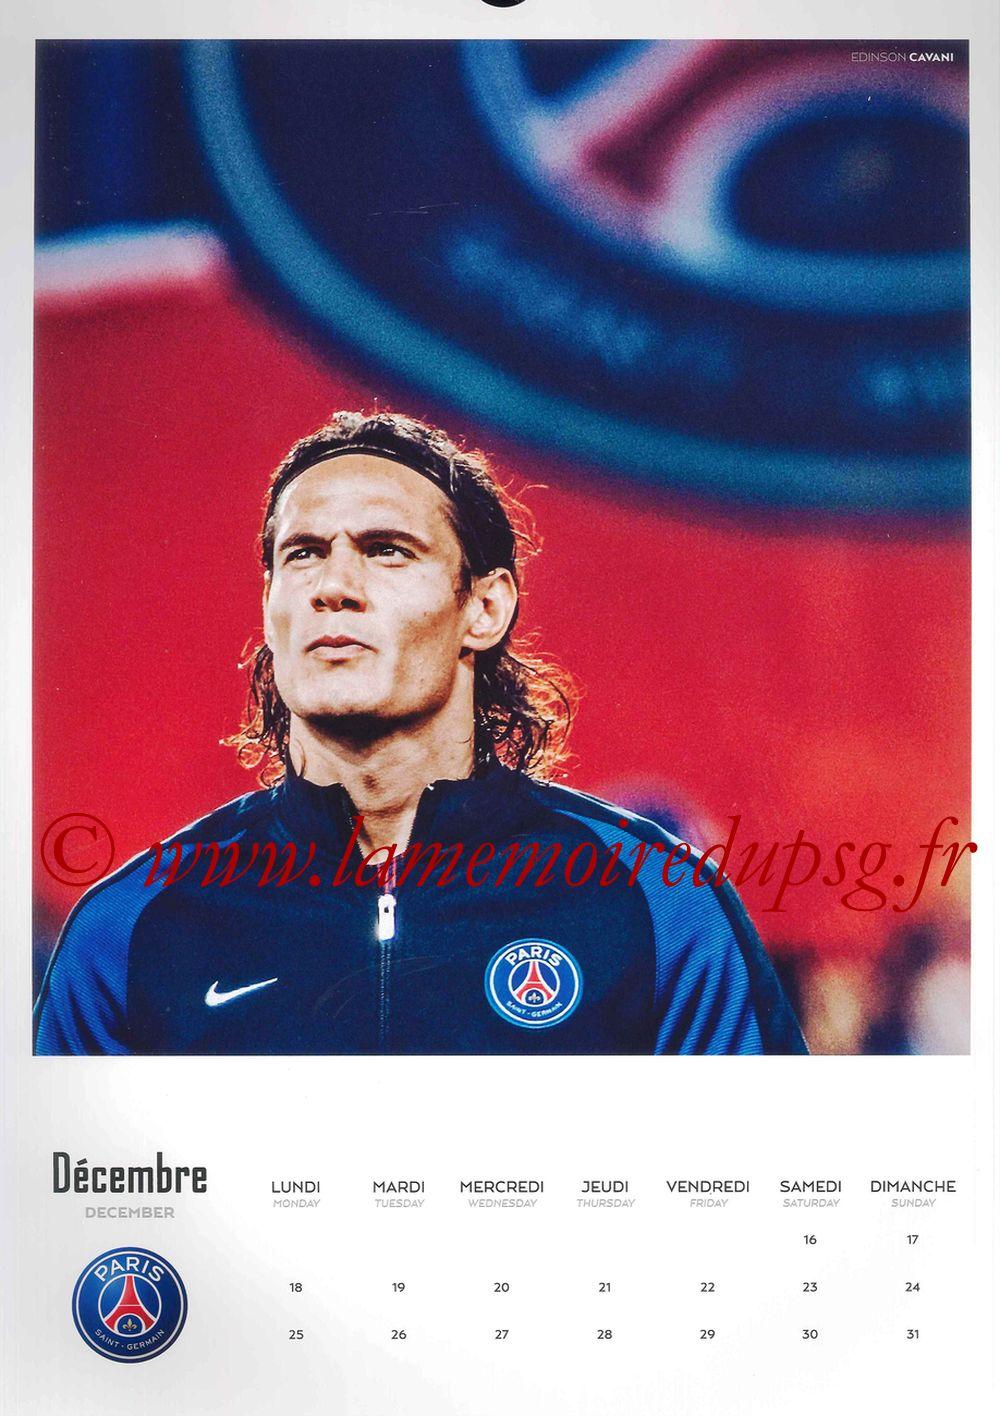 Calendrier PSG 2017 - Page 24 - Edinson CAVANI